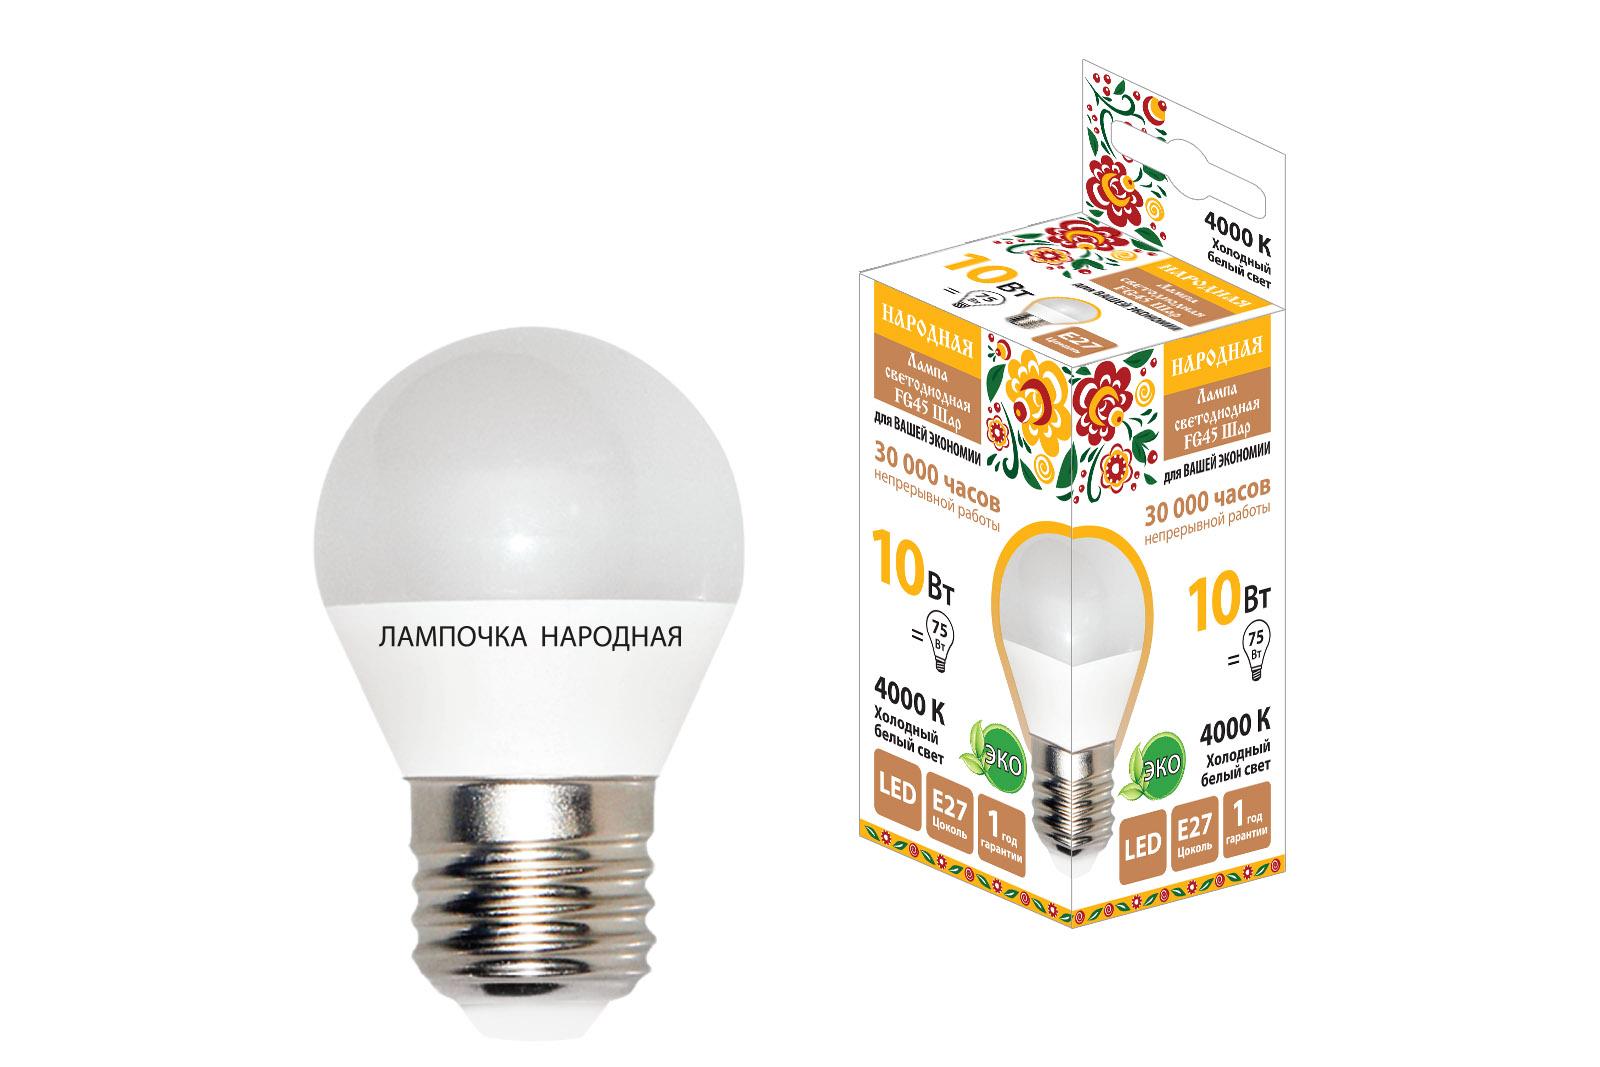 Фото Лампа светодиодная FG45-10 Вт-230 В-4000 К–E27 Народная {SQ0340-1589}